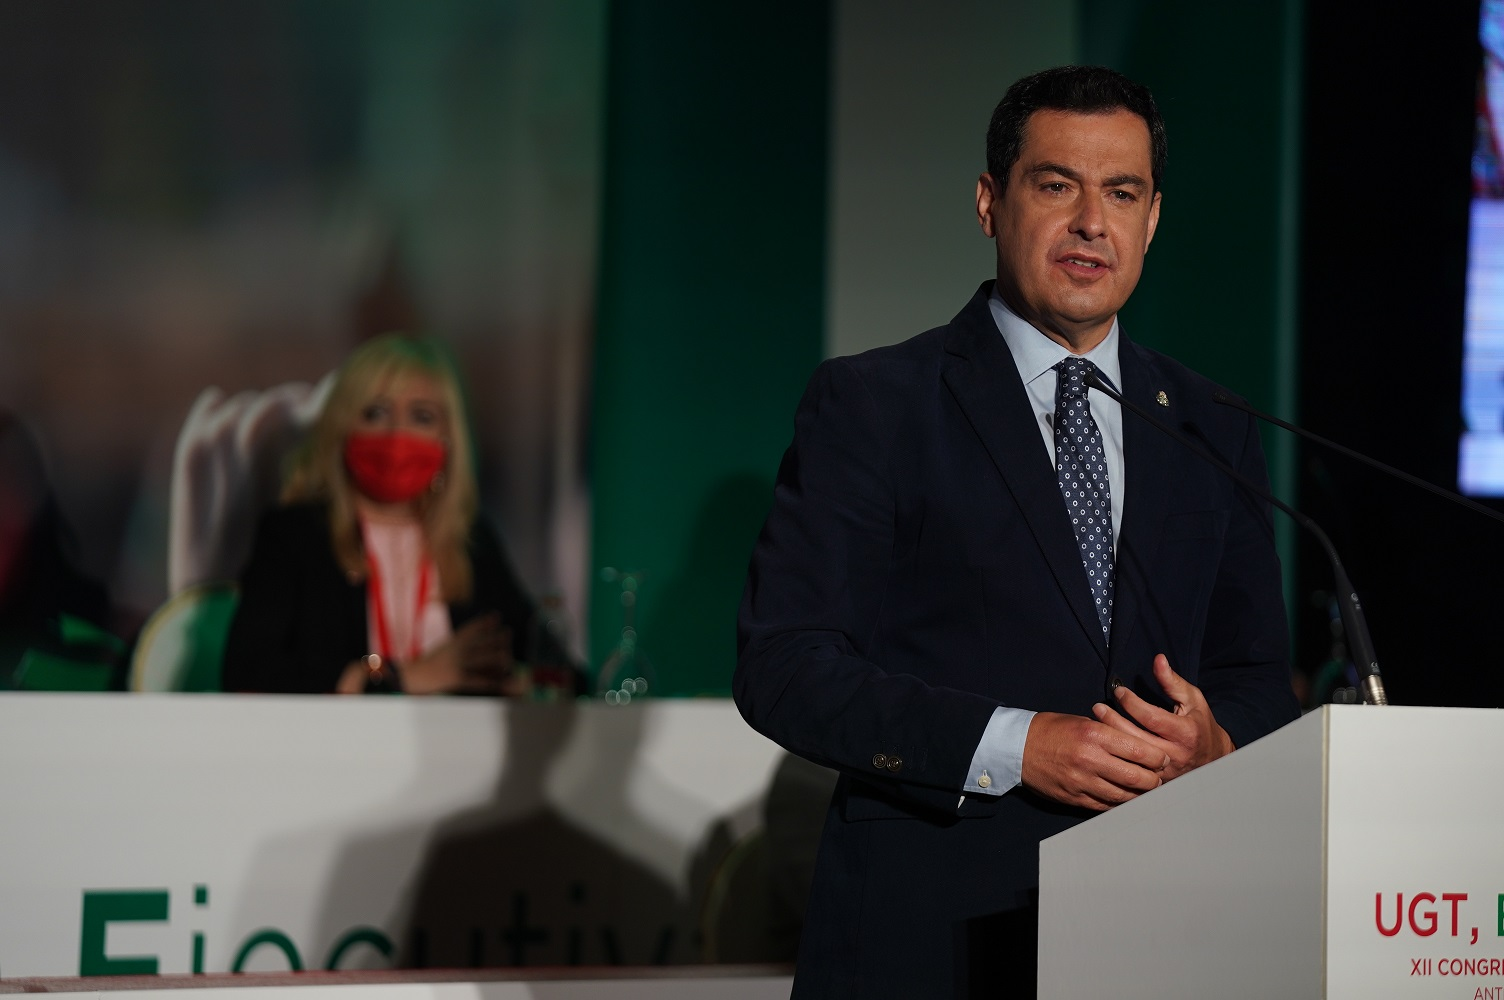 Juanma Moreno Congreso UGT Andalucía – Antequera 1